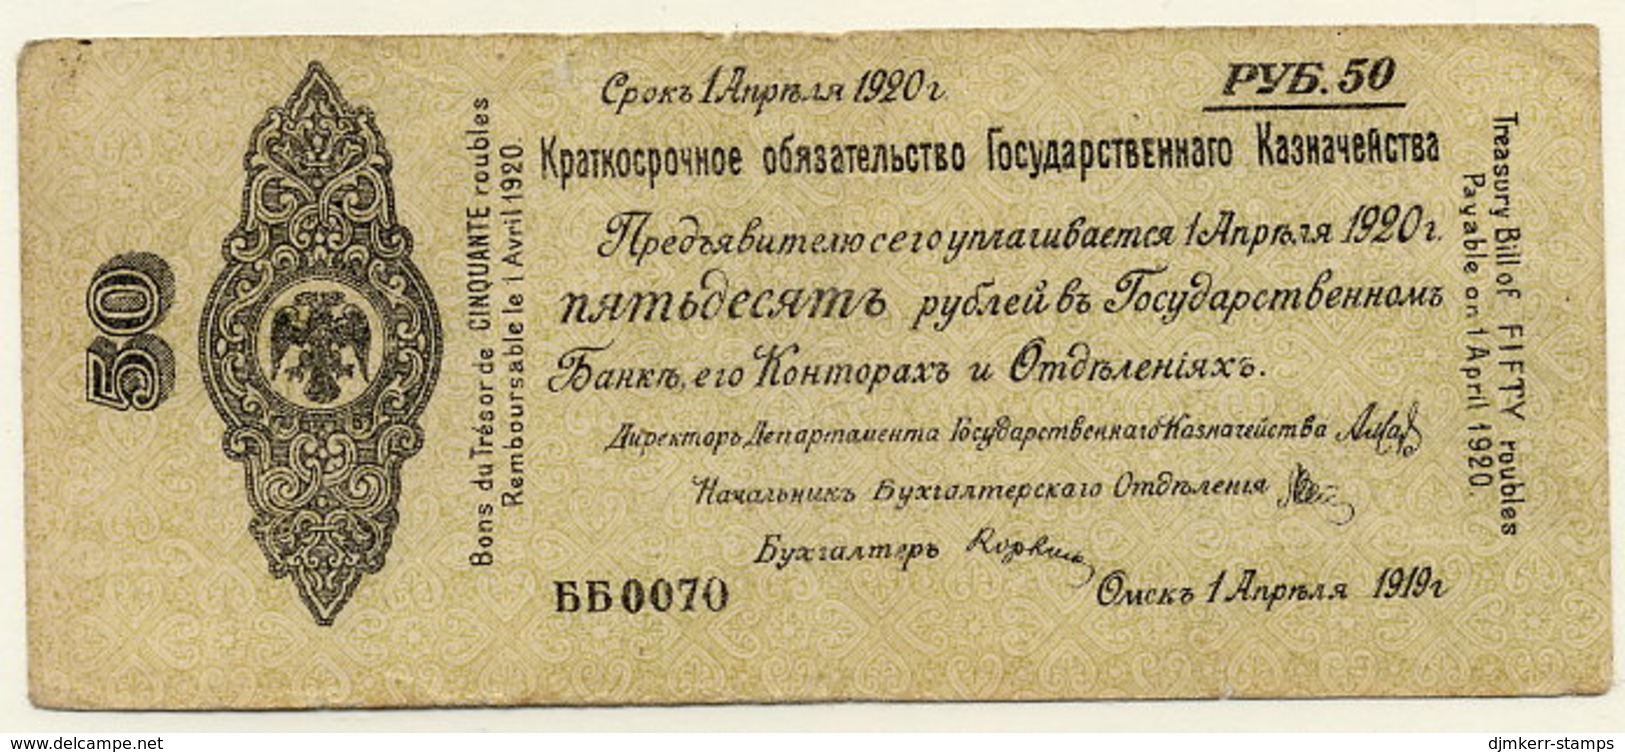 SIBERIA & URALS (Omsk) April 1919 50 Rubles  F  S852 - Russia